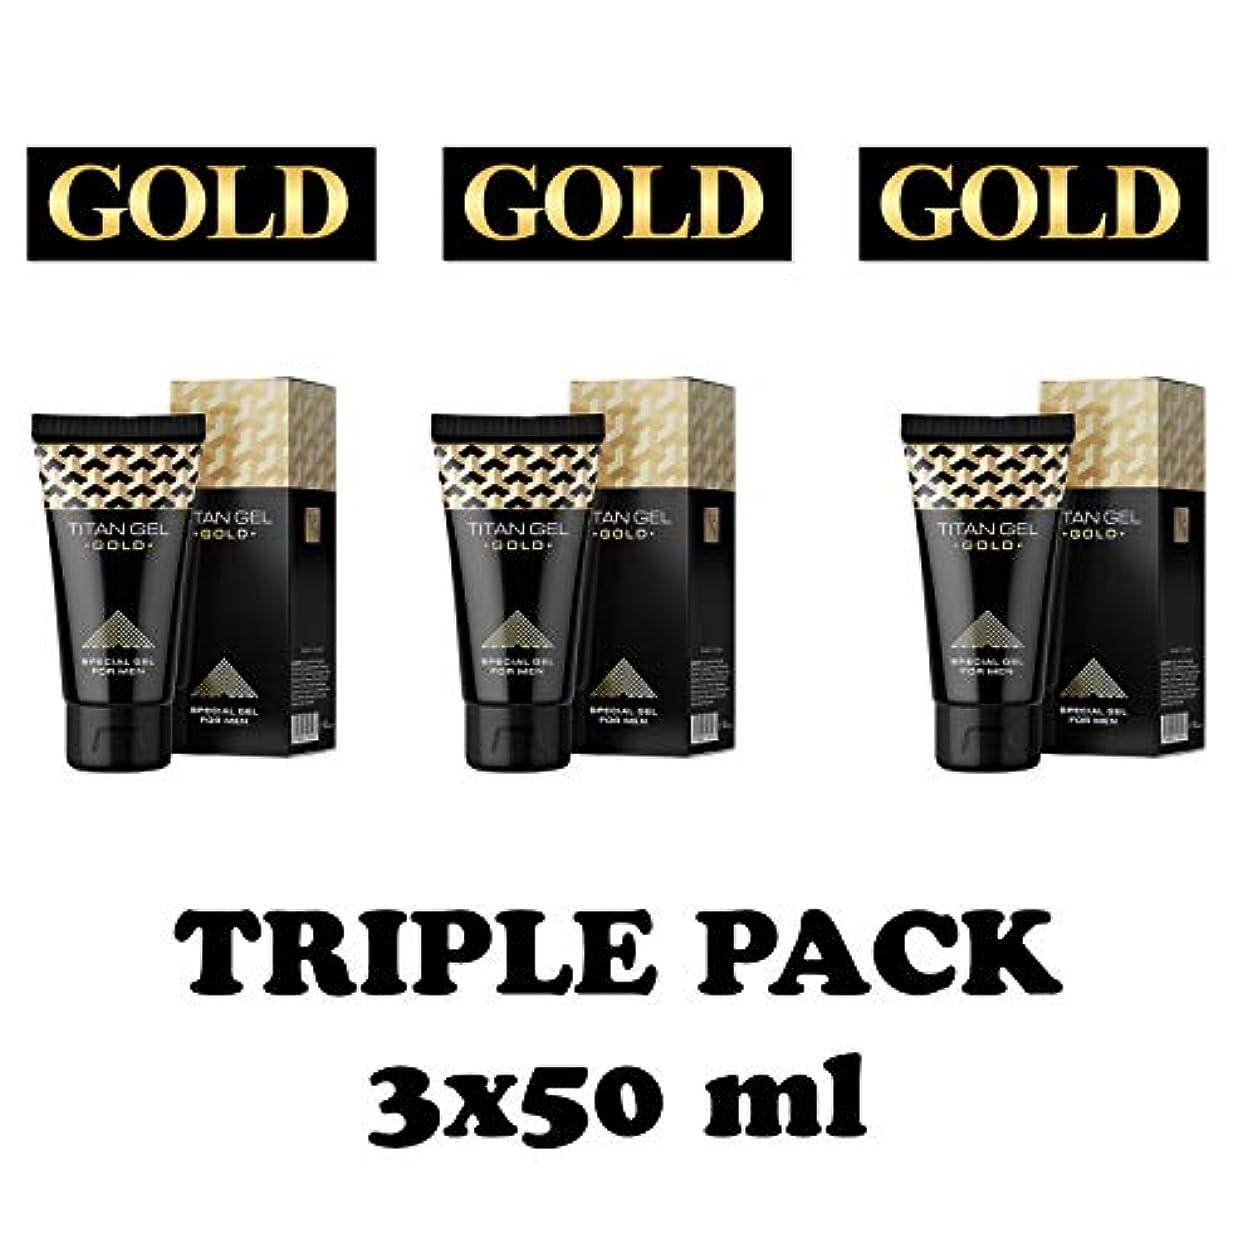 緩める音楽を聴く感謝しているタイタンジェル ゴールド Titan gel Gold 50ml 3箱セット 日本語説明付き [並行輸入品]